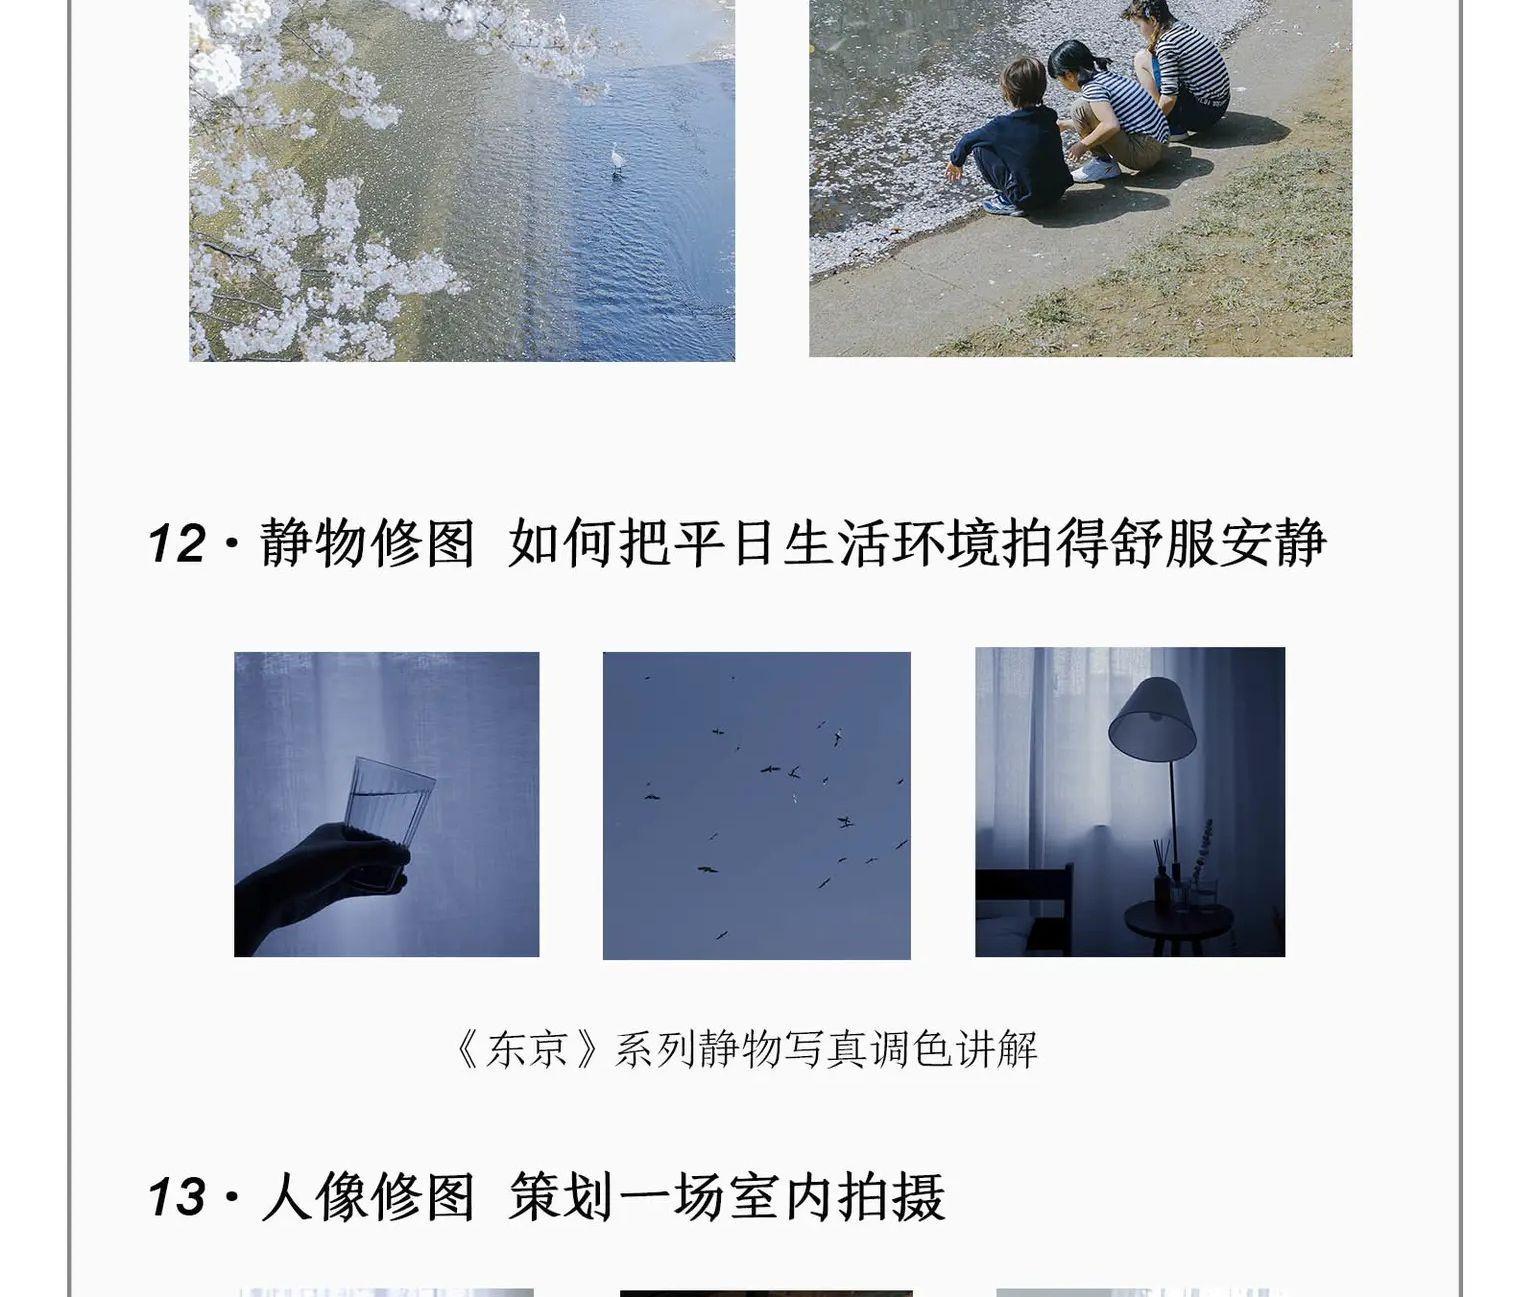 摄影教程-95后摄影师陈宇学长摄影课堂第9期静物人像前后期教程(8)